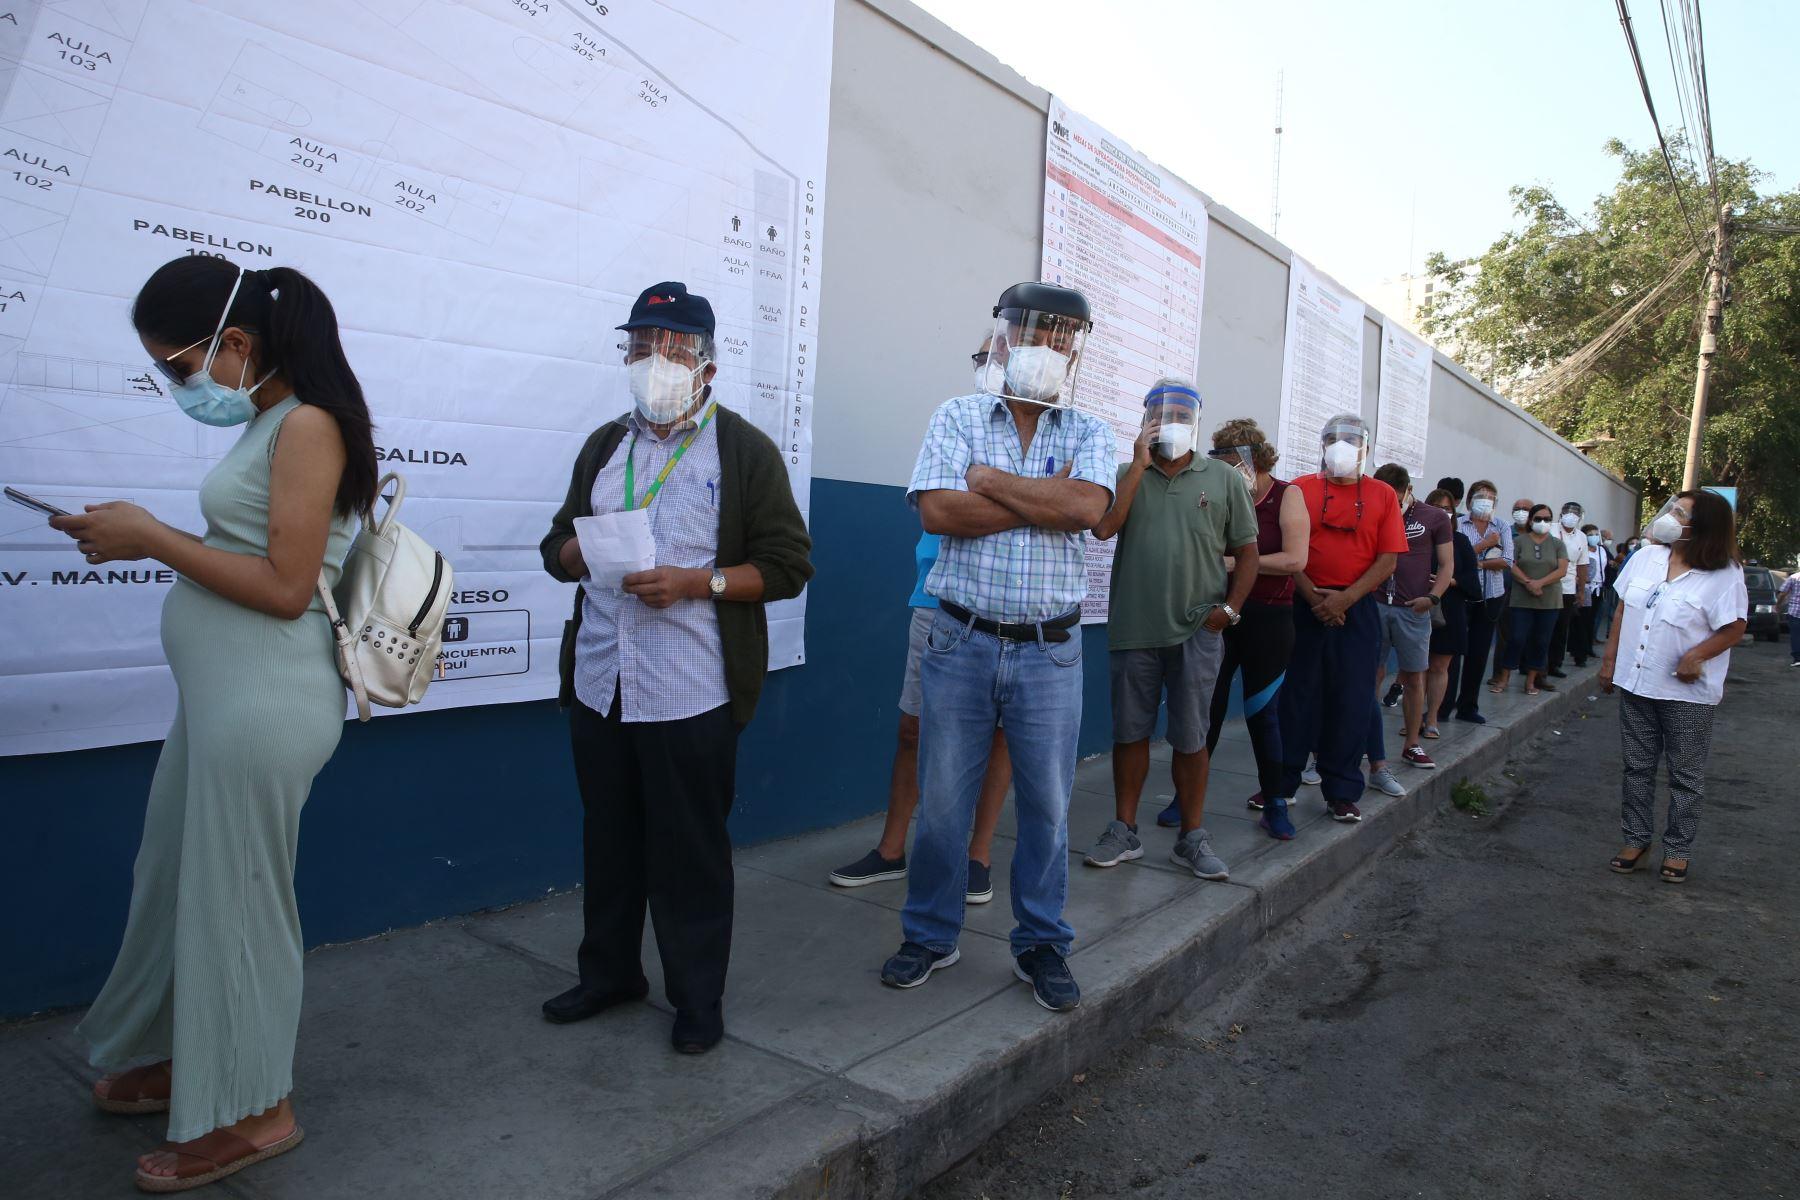 LIMA (PERÚ), 11/04/2021.- Veinticinco millones 287 mil 954 peruanos, en el país y en el extranjero, participan hoy en los comicios generales para elegir al Presidente de la República, dos vicepresidentes, 130 congresistas y cinco parlamentarios andinos.  Foto: ANDINA/ Vidal Tarqui